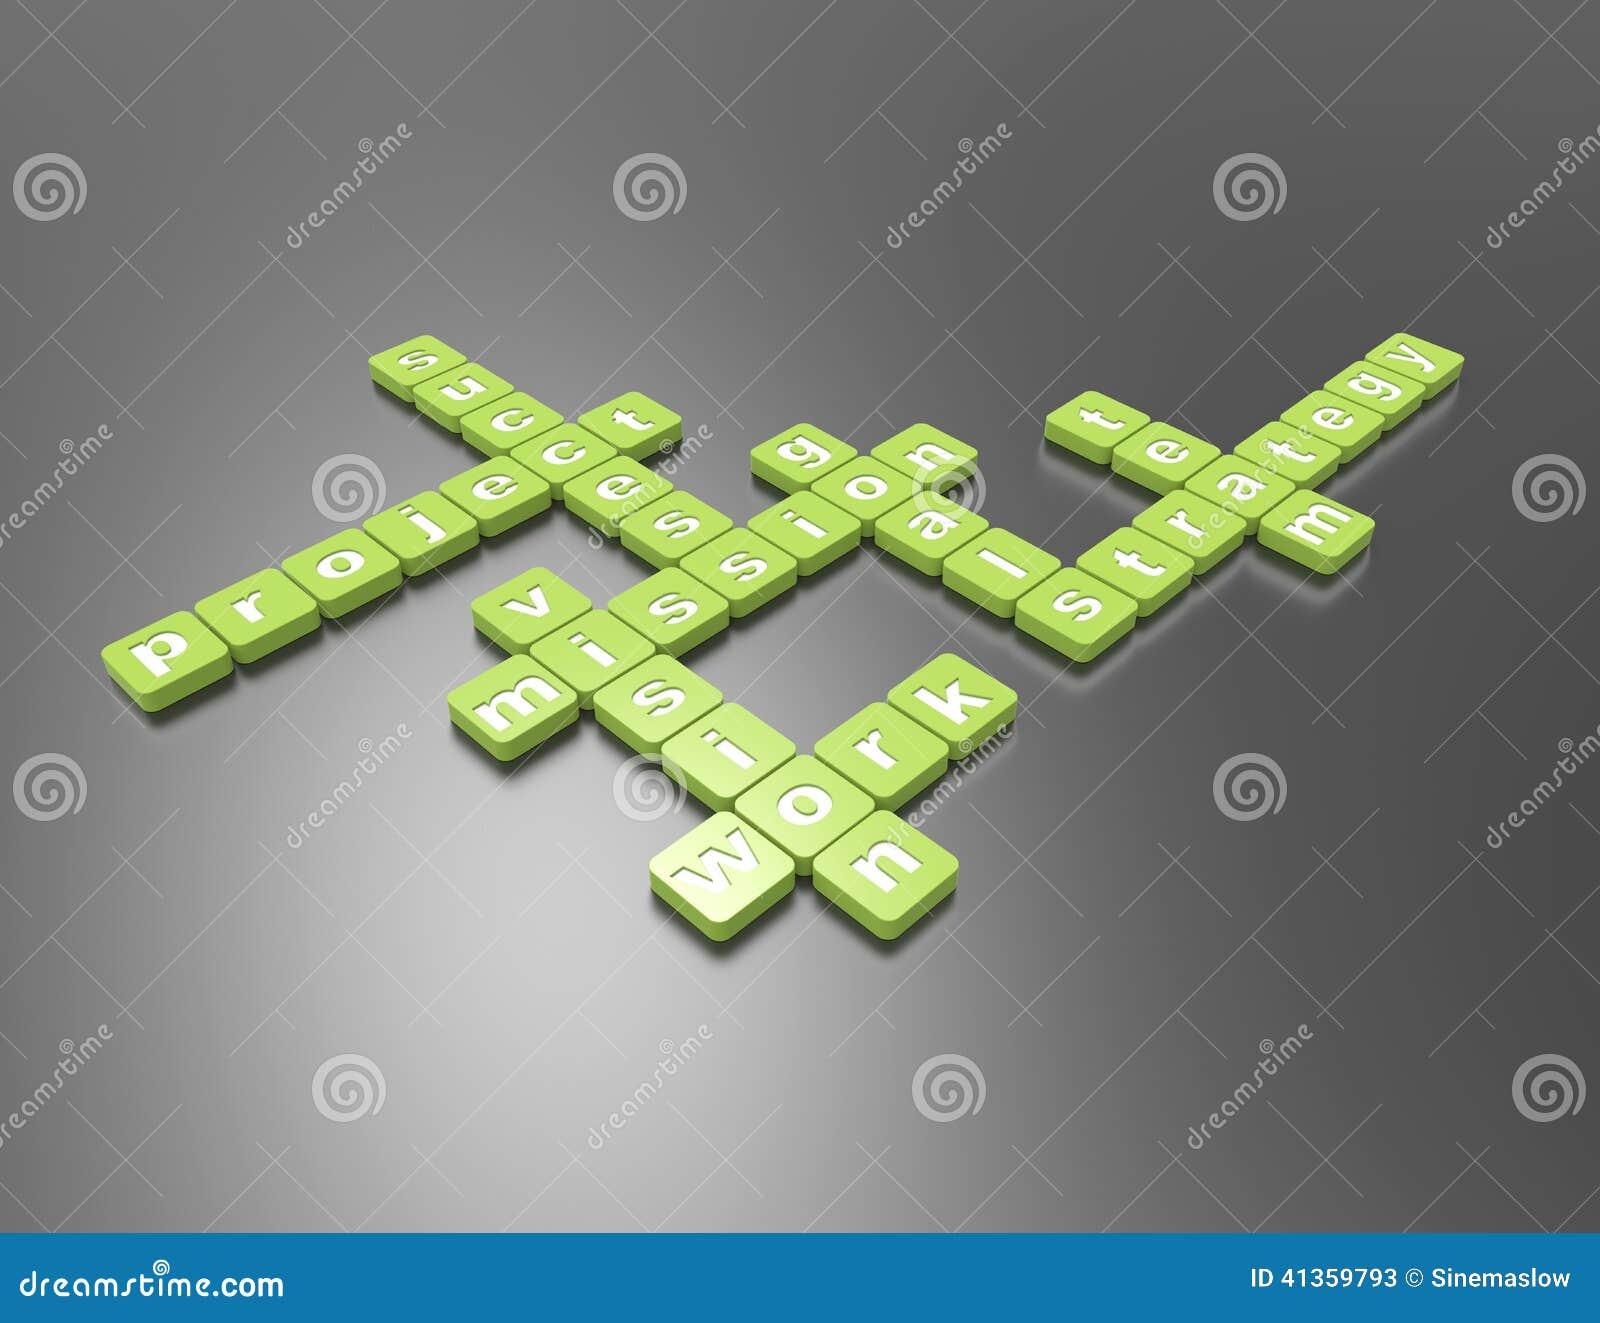 Im Auftrag Von Kreuzworträtsel